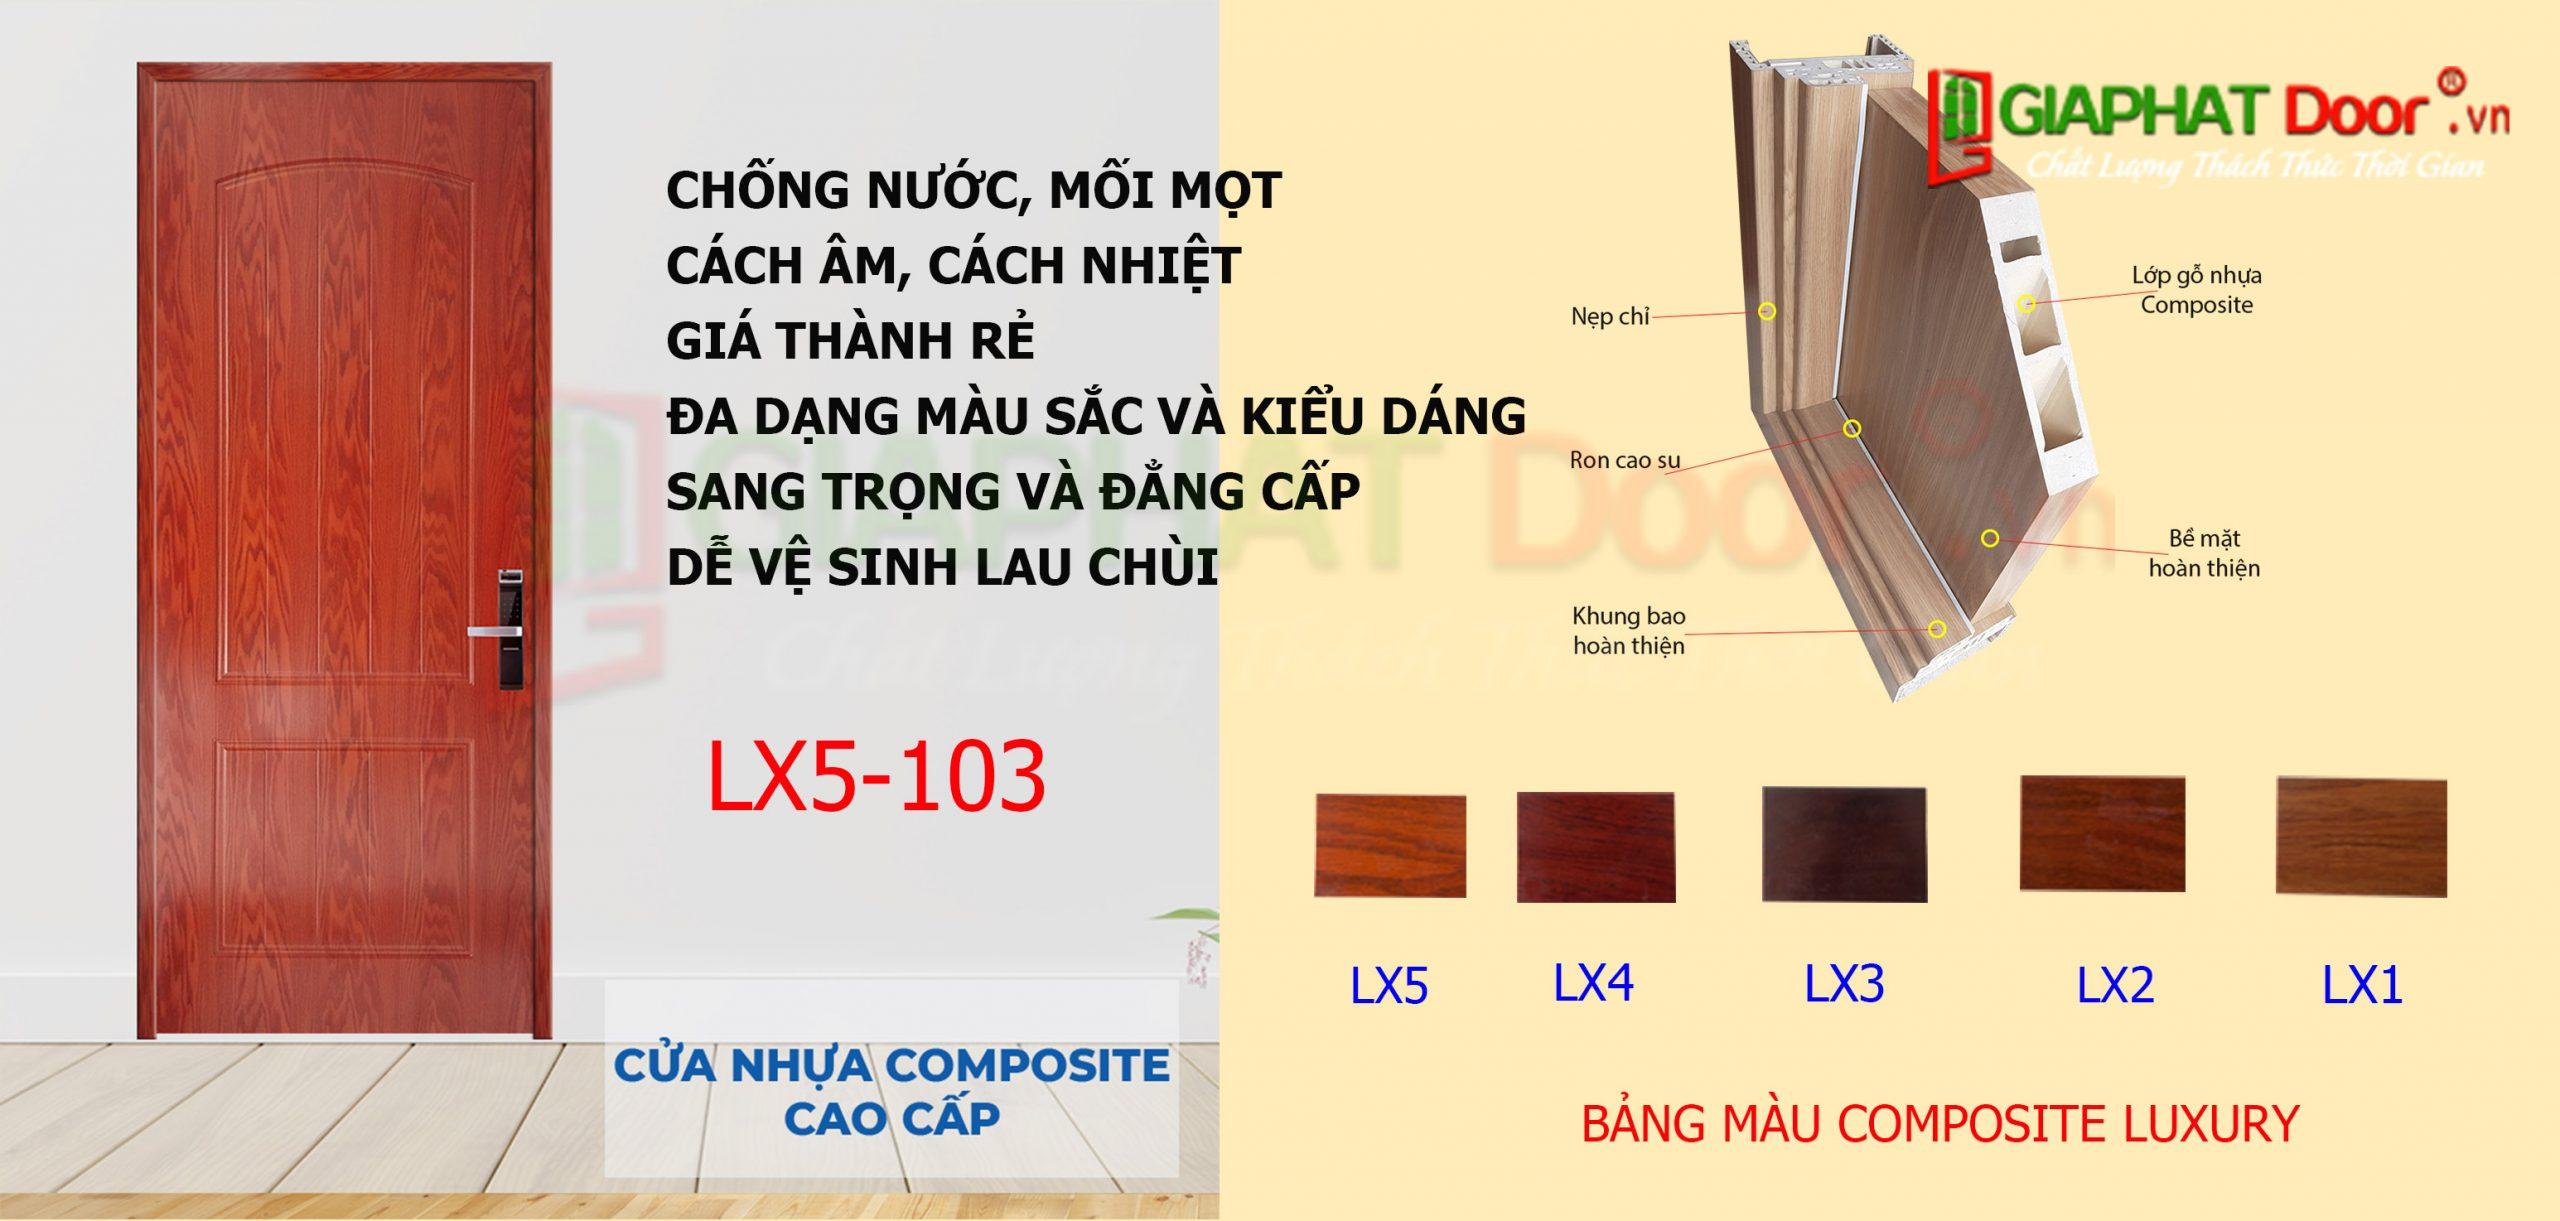 Mẫu cửa nhựa gỗ Composite Luxury dùng cho phòng khách